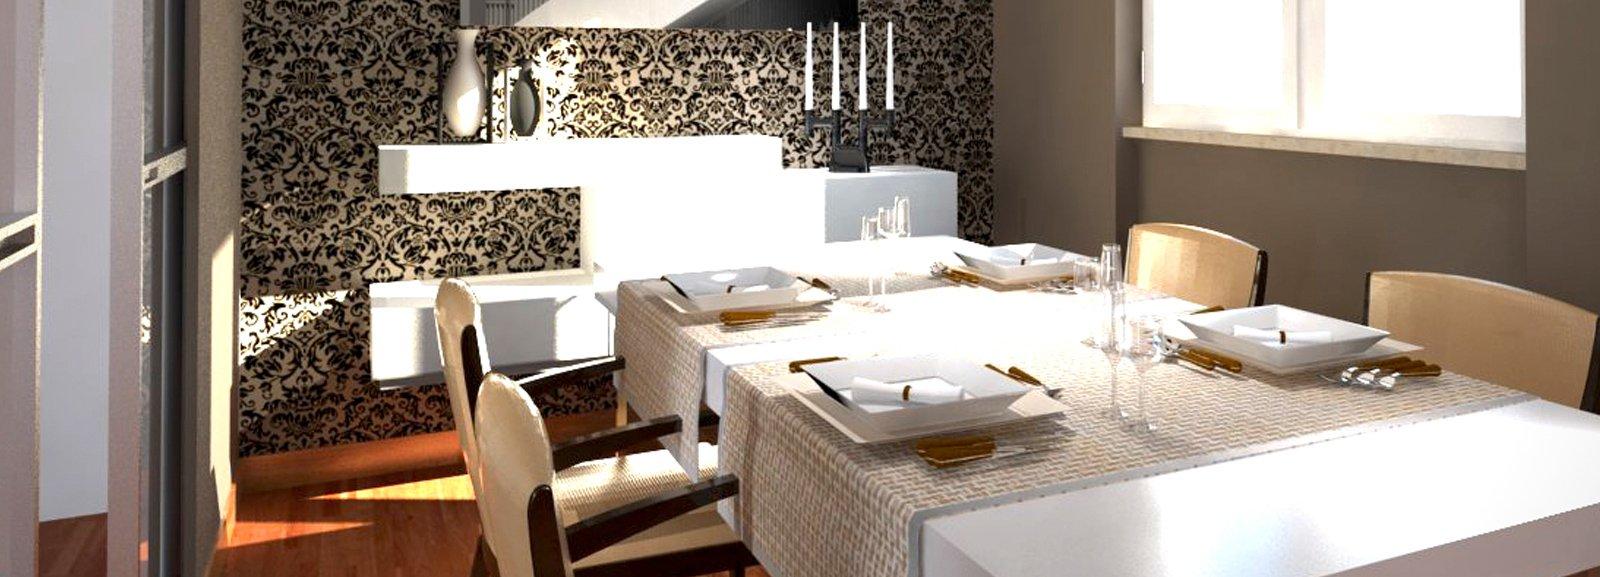 Soggiorno Con Angolo Pranzo: Illuminazione sala da pranzo cucine con isola cose di casa.